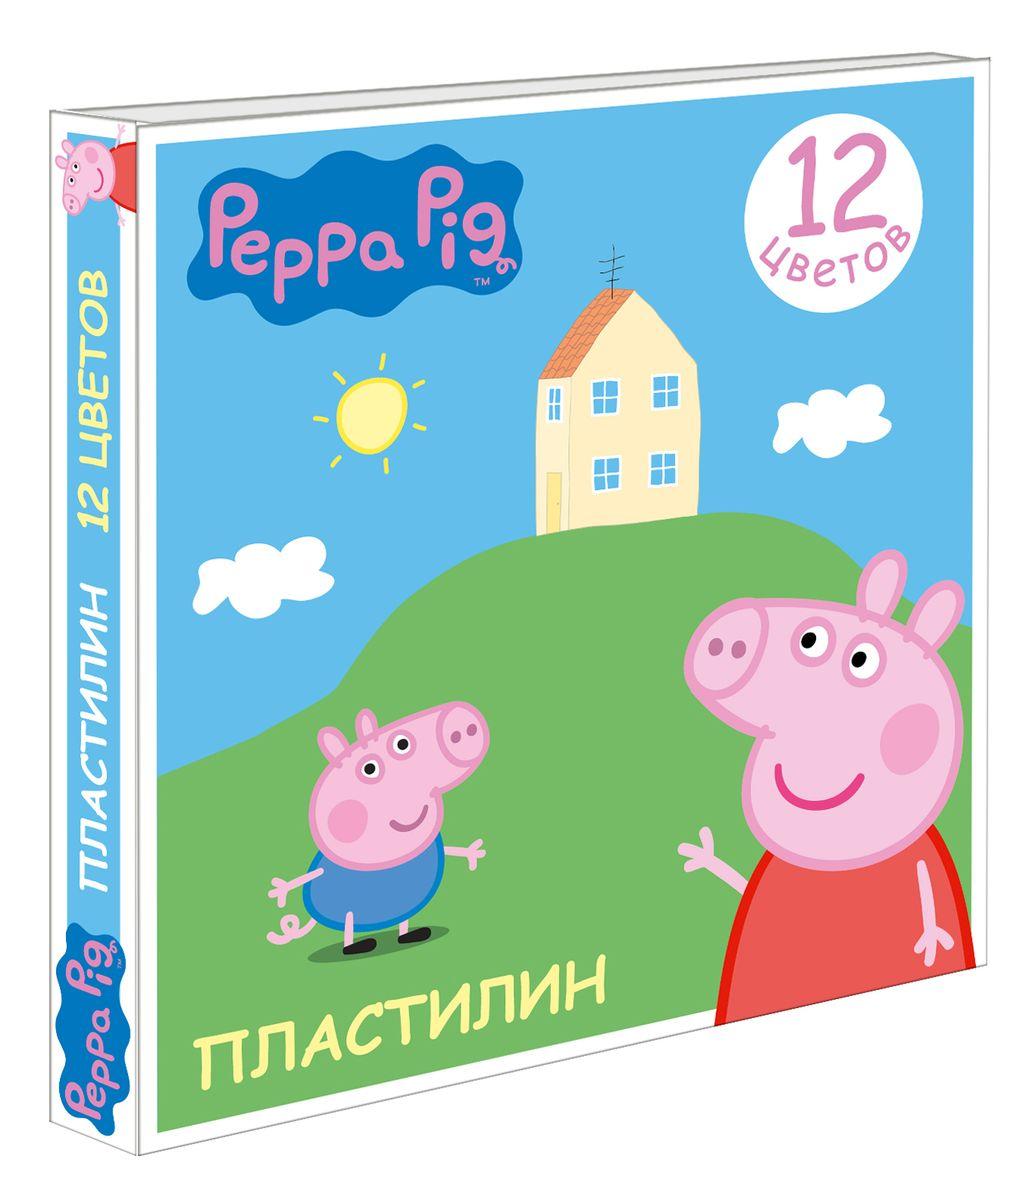 Peppa Pig Пластилин Свинка Пеппа 12 цветов29604Яркий и легко размягчающийся пластилин Свинка Пеппа поможет вашему малышу создать множество интересных поделок, а любимые герои мультфильма вдохновят кроху на новые творческие идеи. Лепить из этого пластилина - одно удовольствие: он обладает отличными пластичными свойствами, не липнет к рукам, не имеет запаха, безопасен при использовании по назначению. Смешивайте цвета, фантазируйте, экспериментируйте и развивайте свою малютку: лепка активно тренирует у ребенка мелкую моторику и умение работать пальчиками, развивает тактильное восприятие формы, веса и фактуры, совершенствует воображение и пространственное мышление. А главное - лепить фигурки в компании любимых героев невероятно весело! В наборе 12 цветов пластилина, которые легко смешиваются друг с другом. Состав: парафин, петролатум, мел, каолин, красители. Товар сертифицирован. Срок годности не ограничен. Упаковка: коробка размером 16,5х15,4х1,8 см.